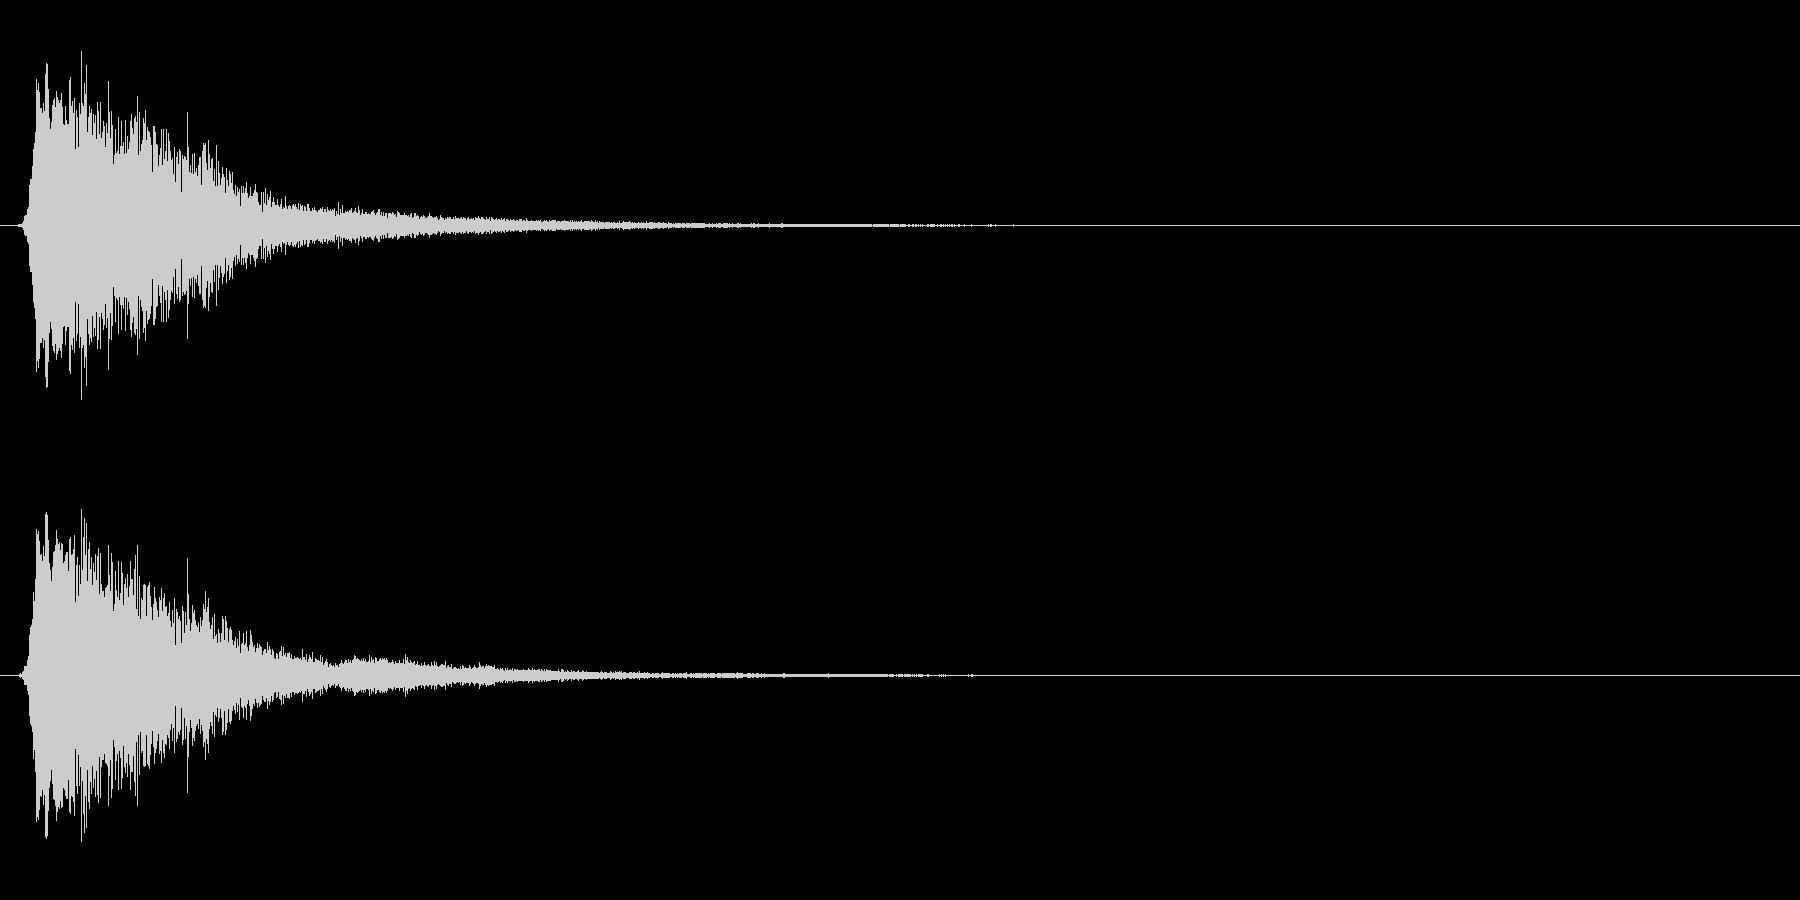 キラキラ系_009の未再生の波形